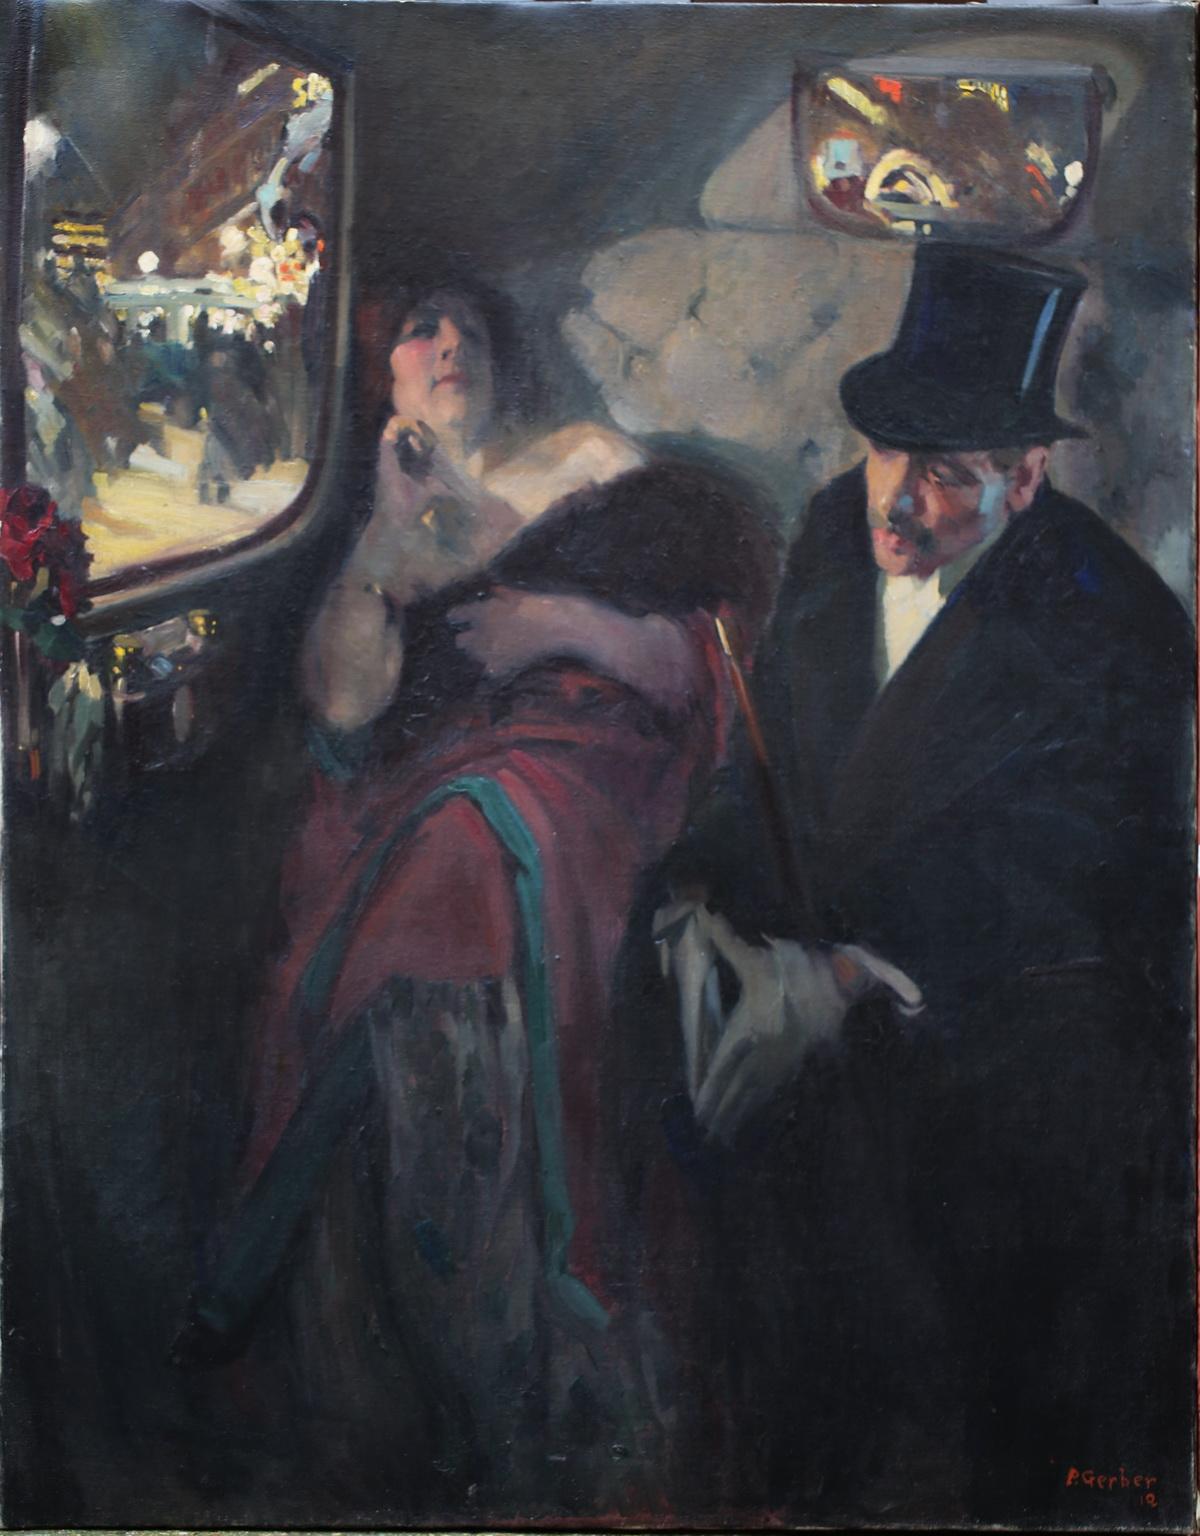 Pierre GERBER 1887-?